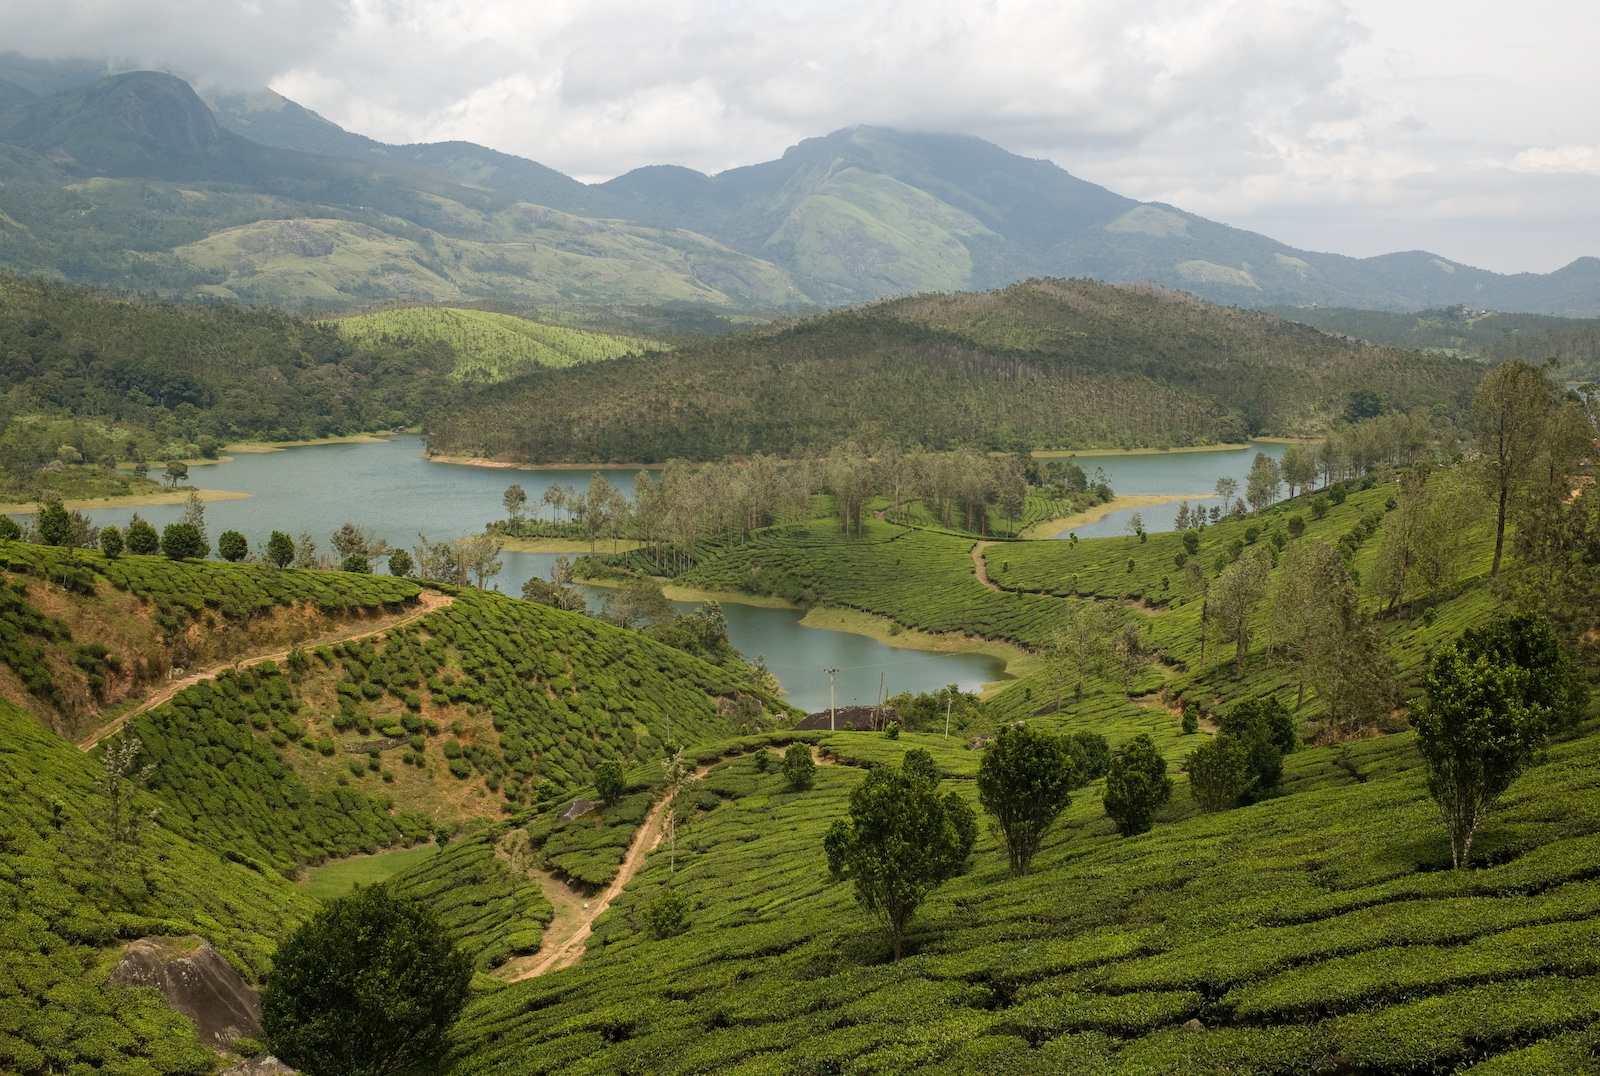 Yelagiri India  city images : Yelagiri Hill Station of Tamil Nadu | India Tourism